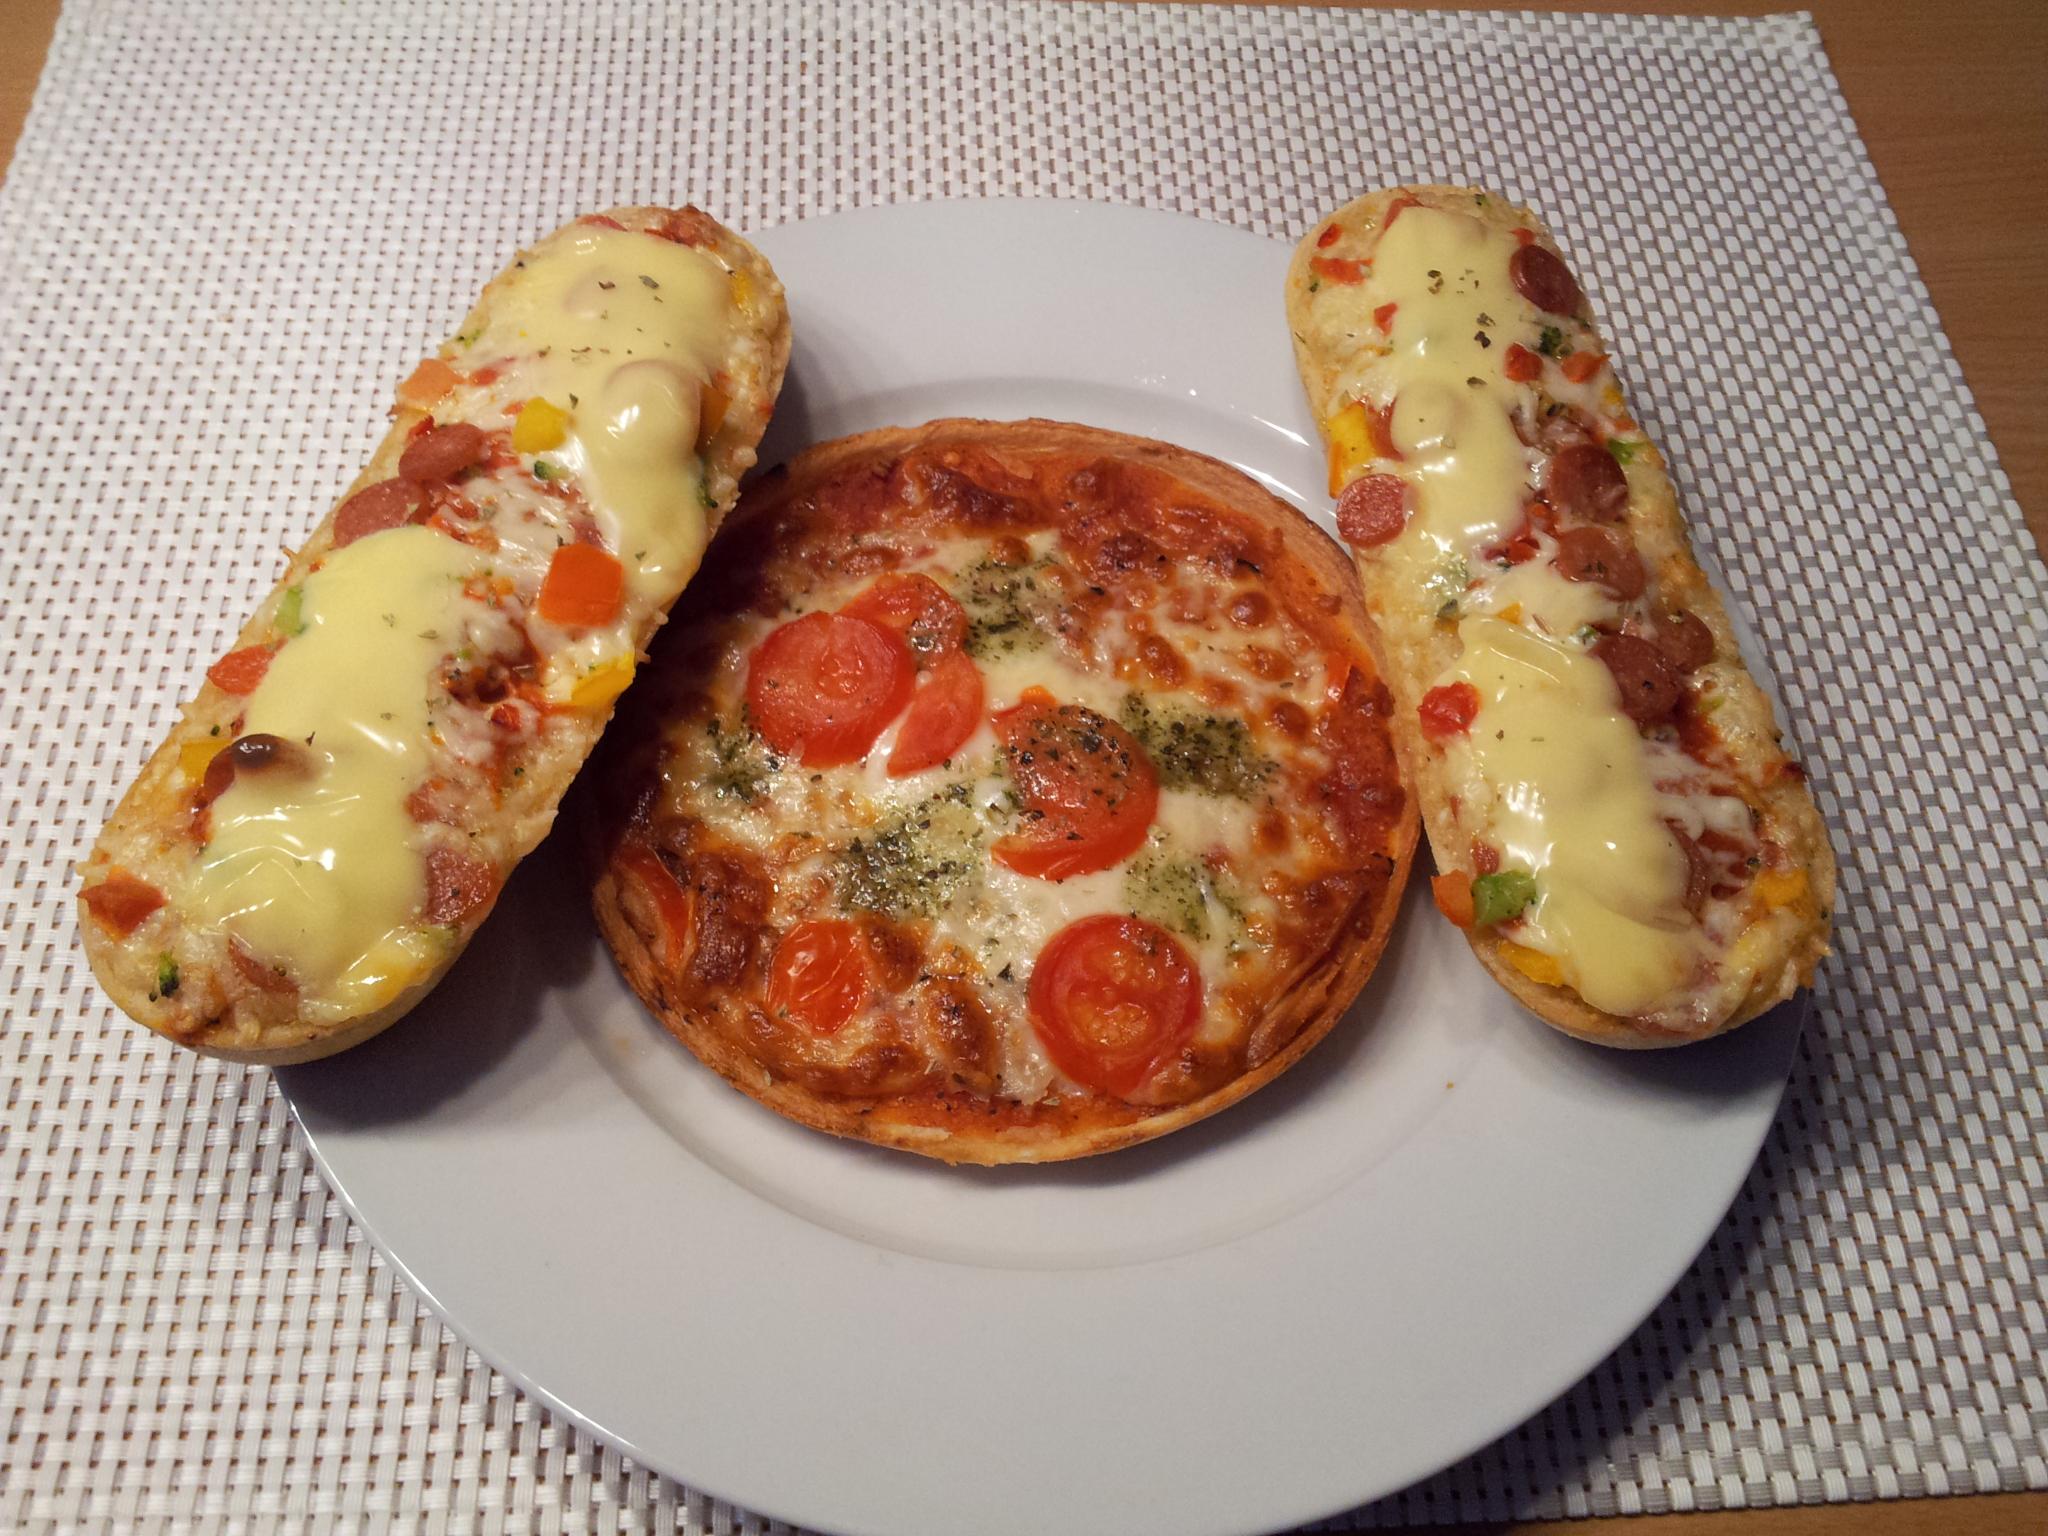 http://foodloader.net/Holz_2014-10-18_Bistro-Baguettes_und_Pizza.jpg